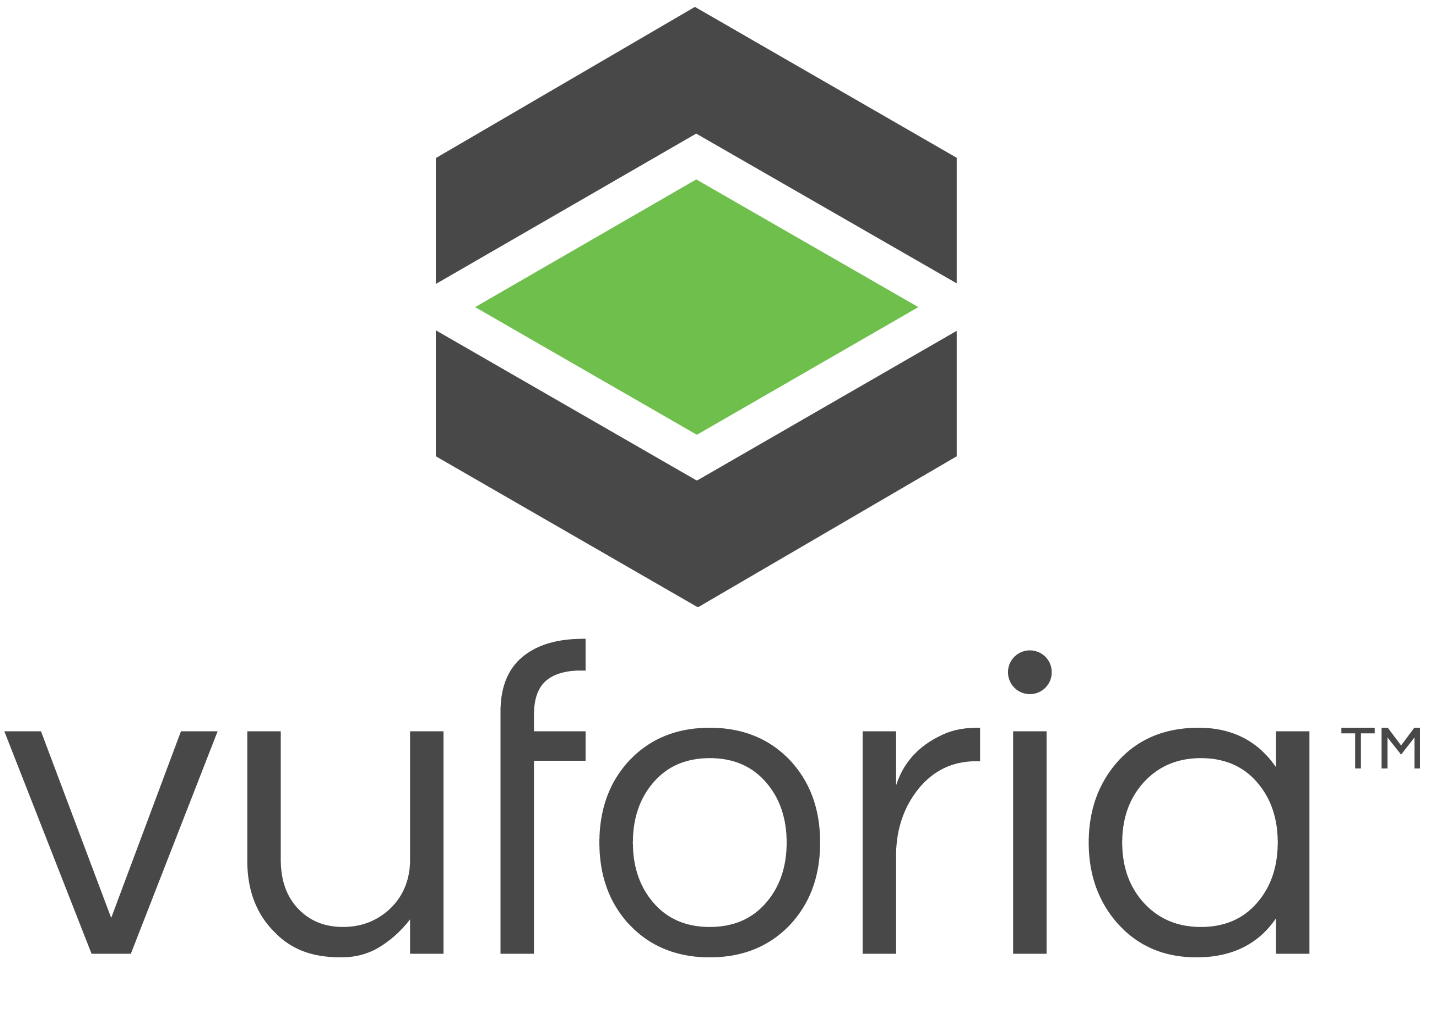 Vuforia